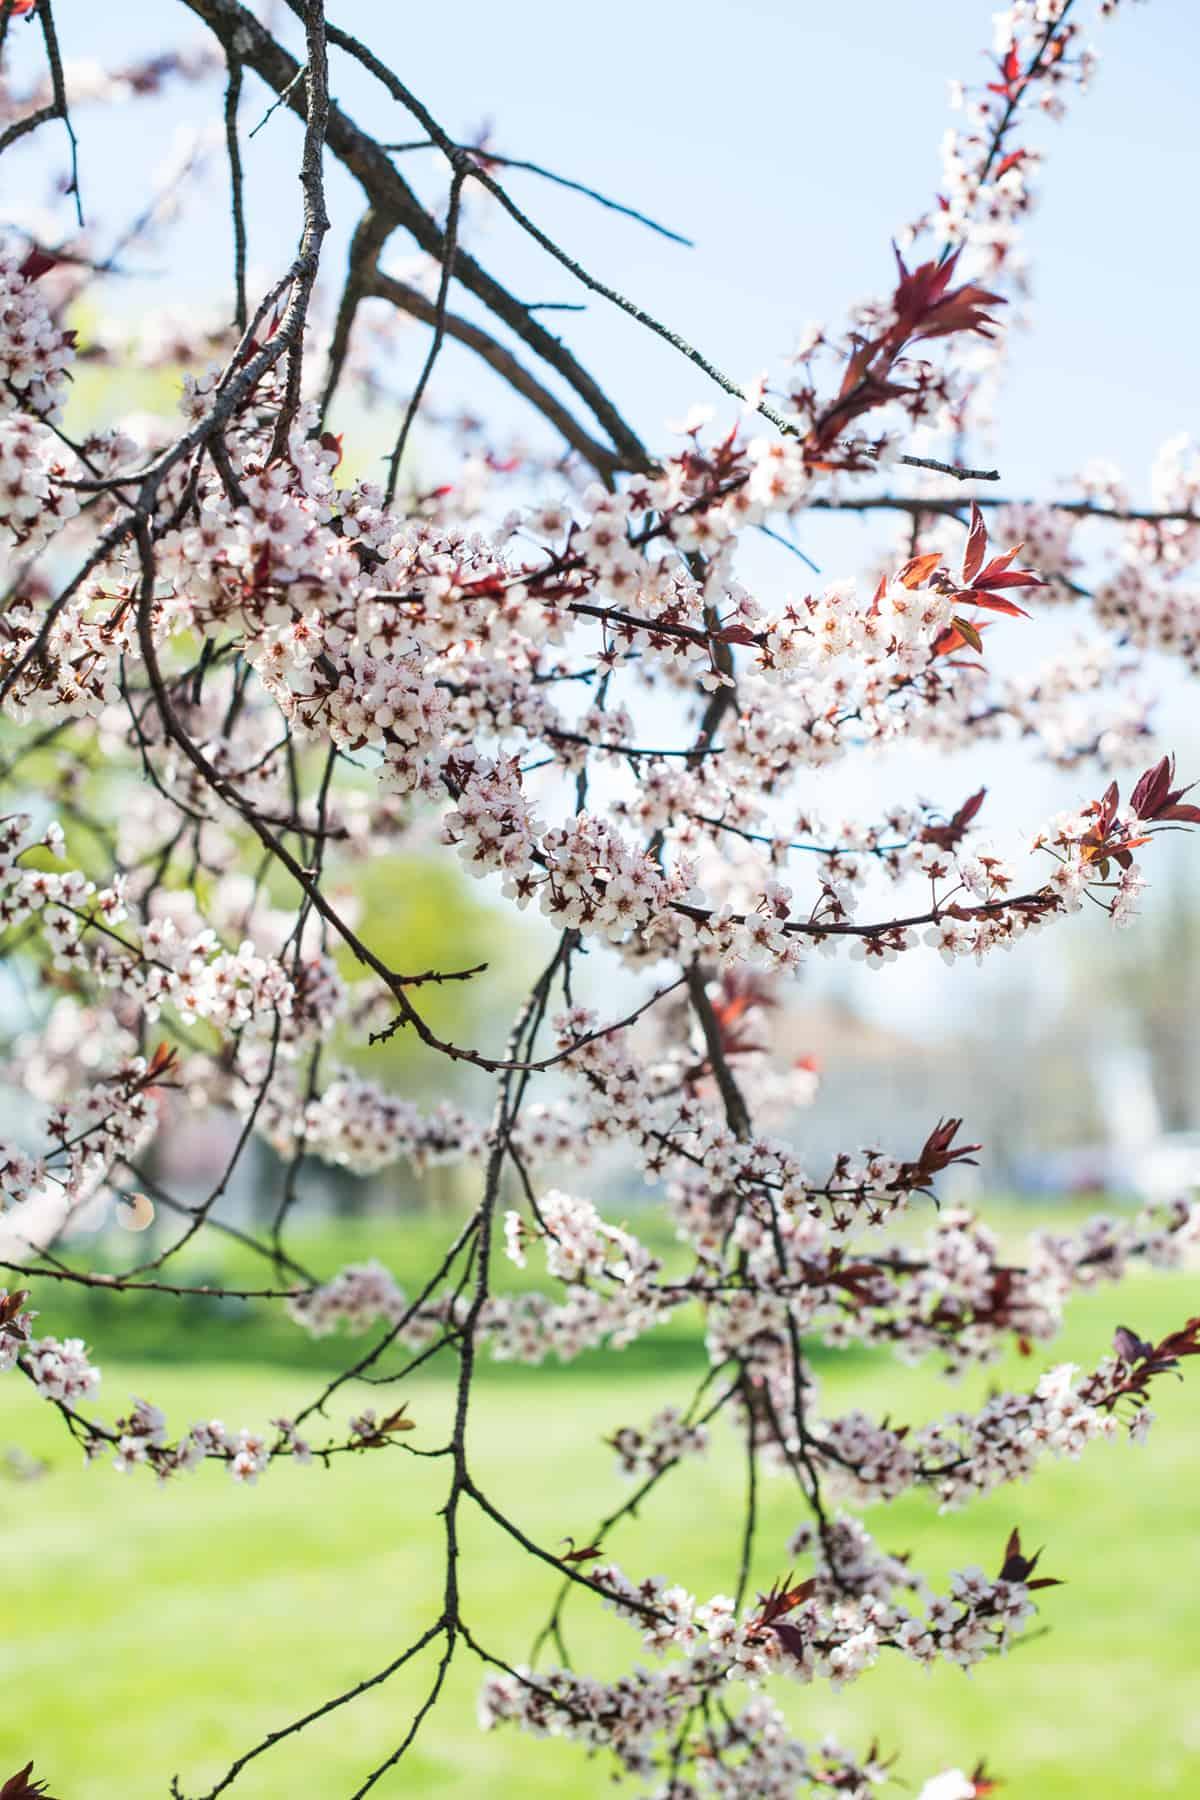 Flowers in Bloom April